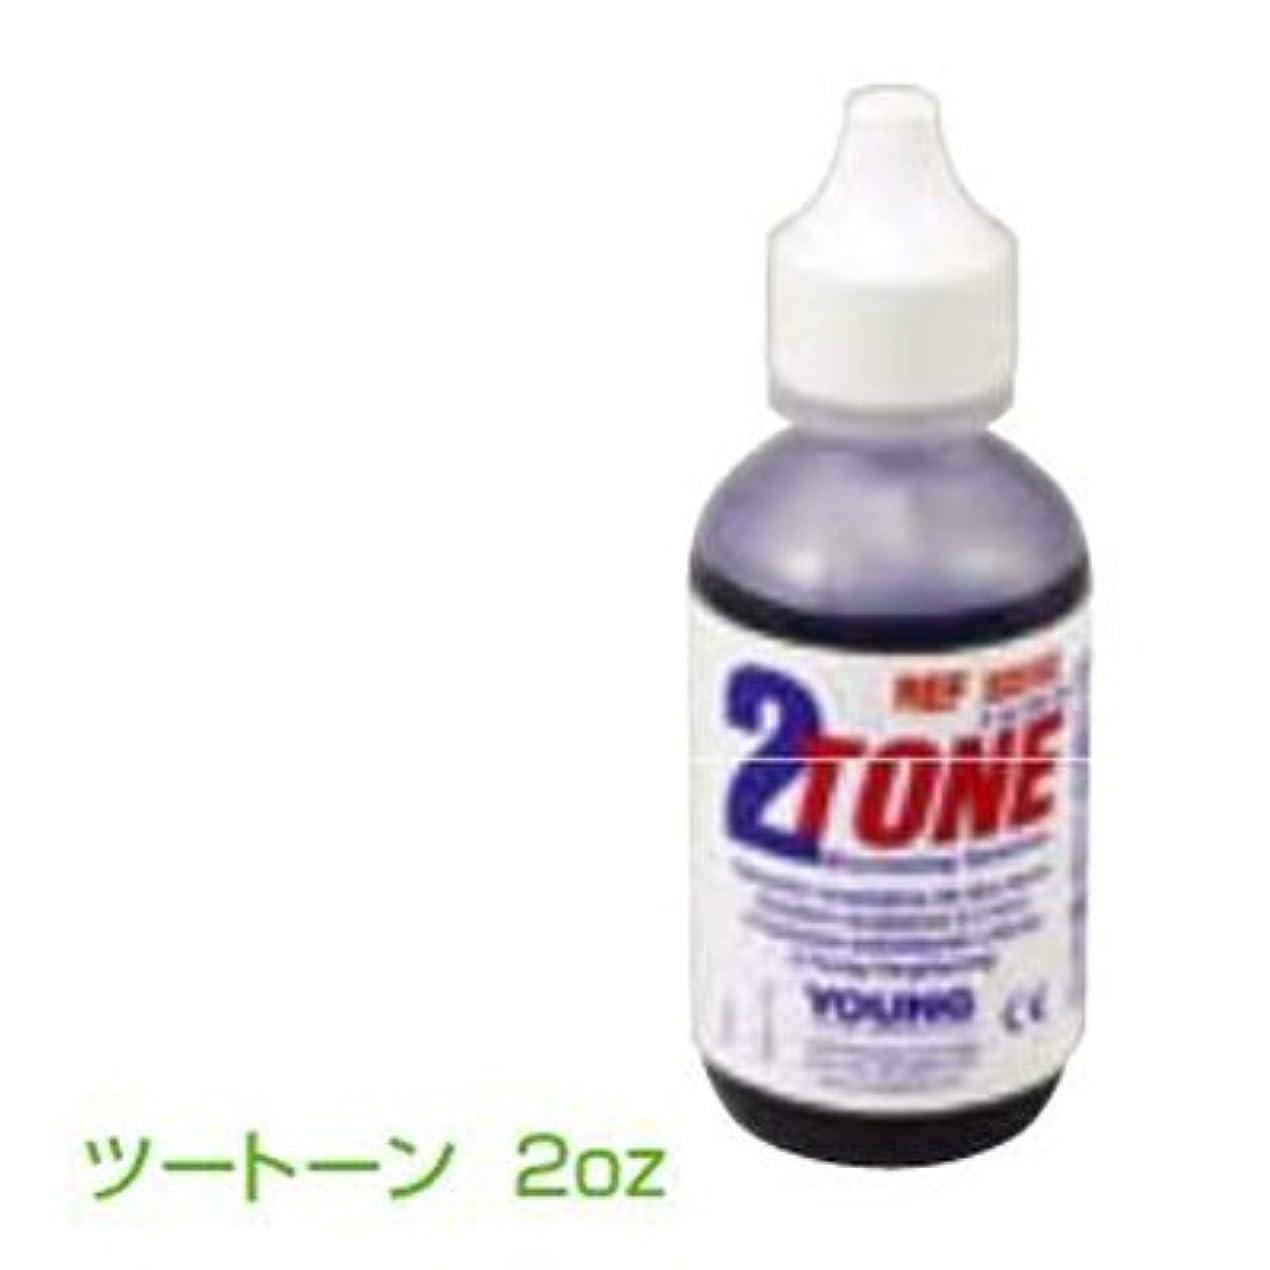 ドキドキ作ります中国ツートーン 2oz(歯垢染色剤)【歯科医院専売品】